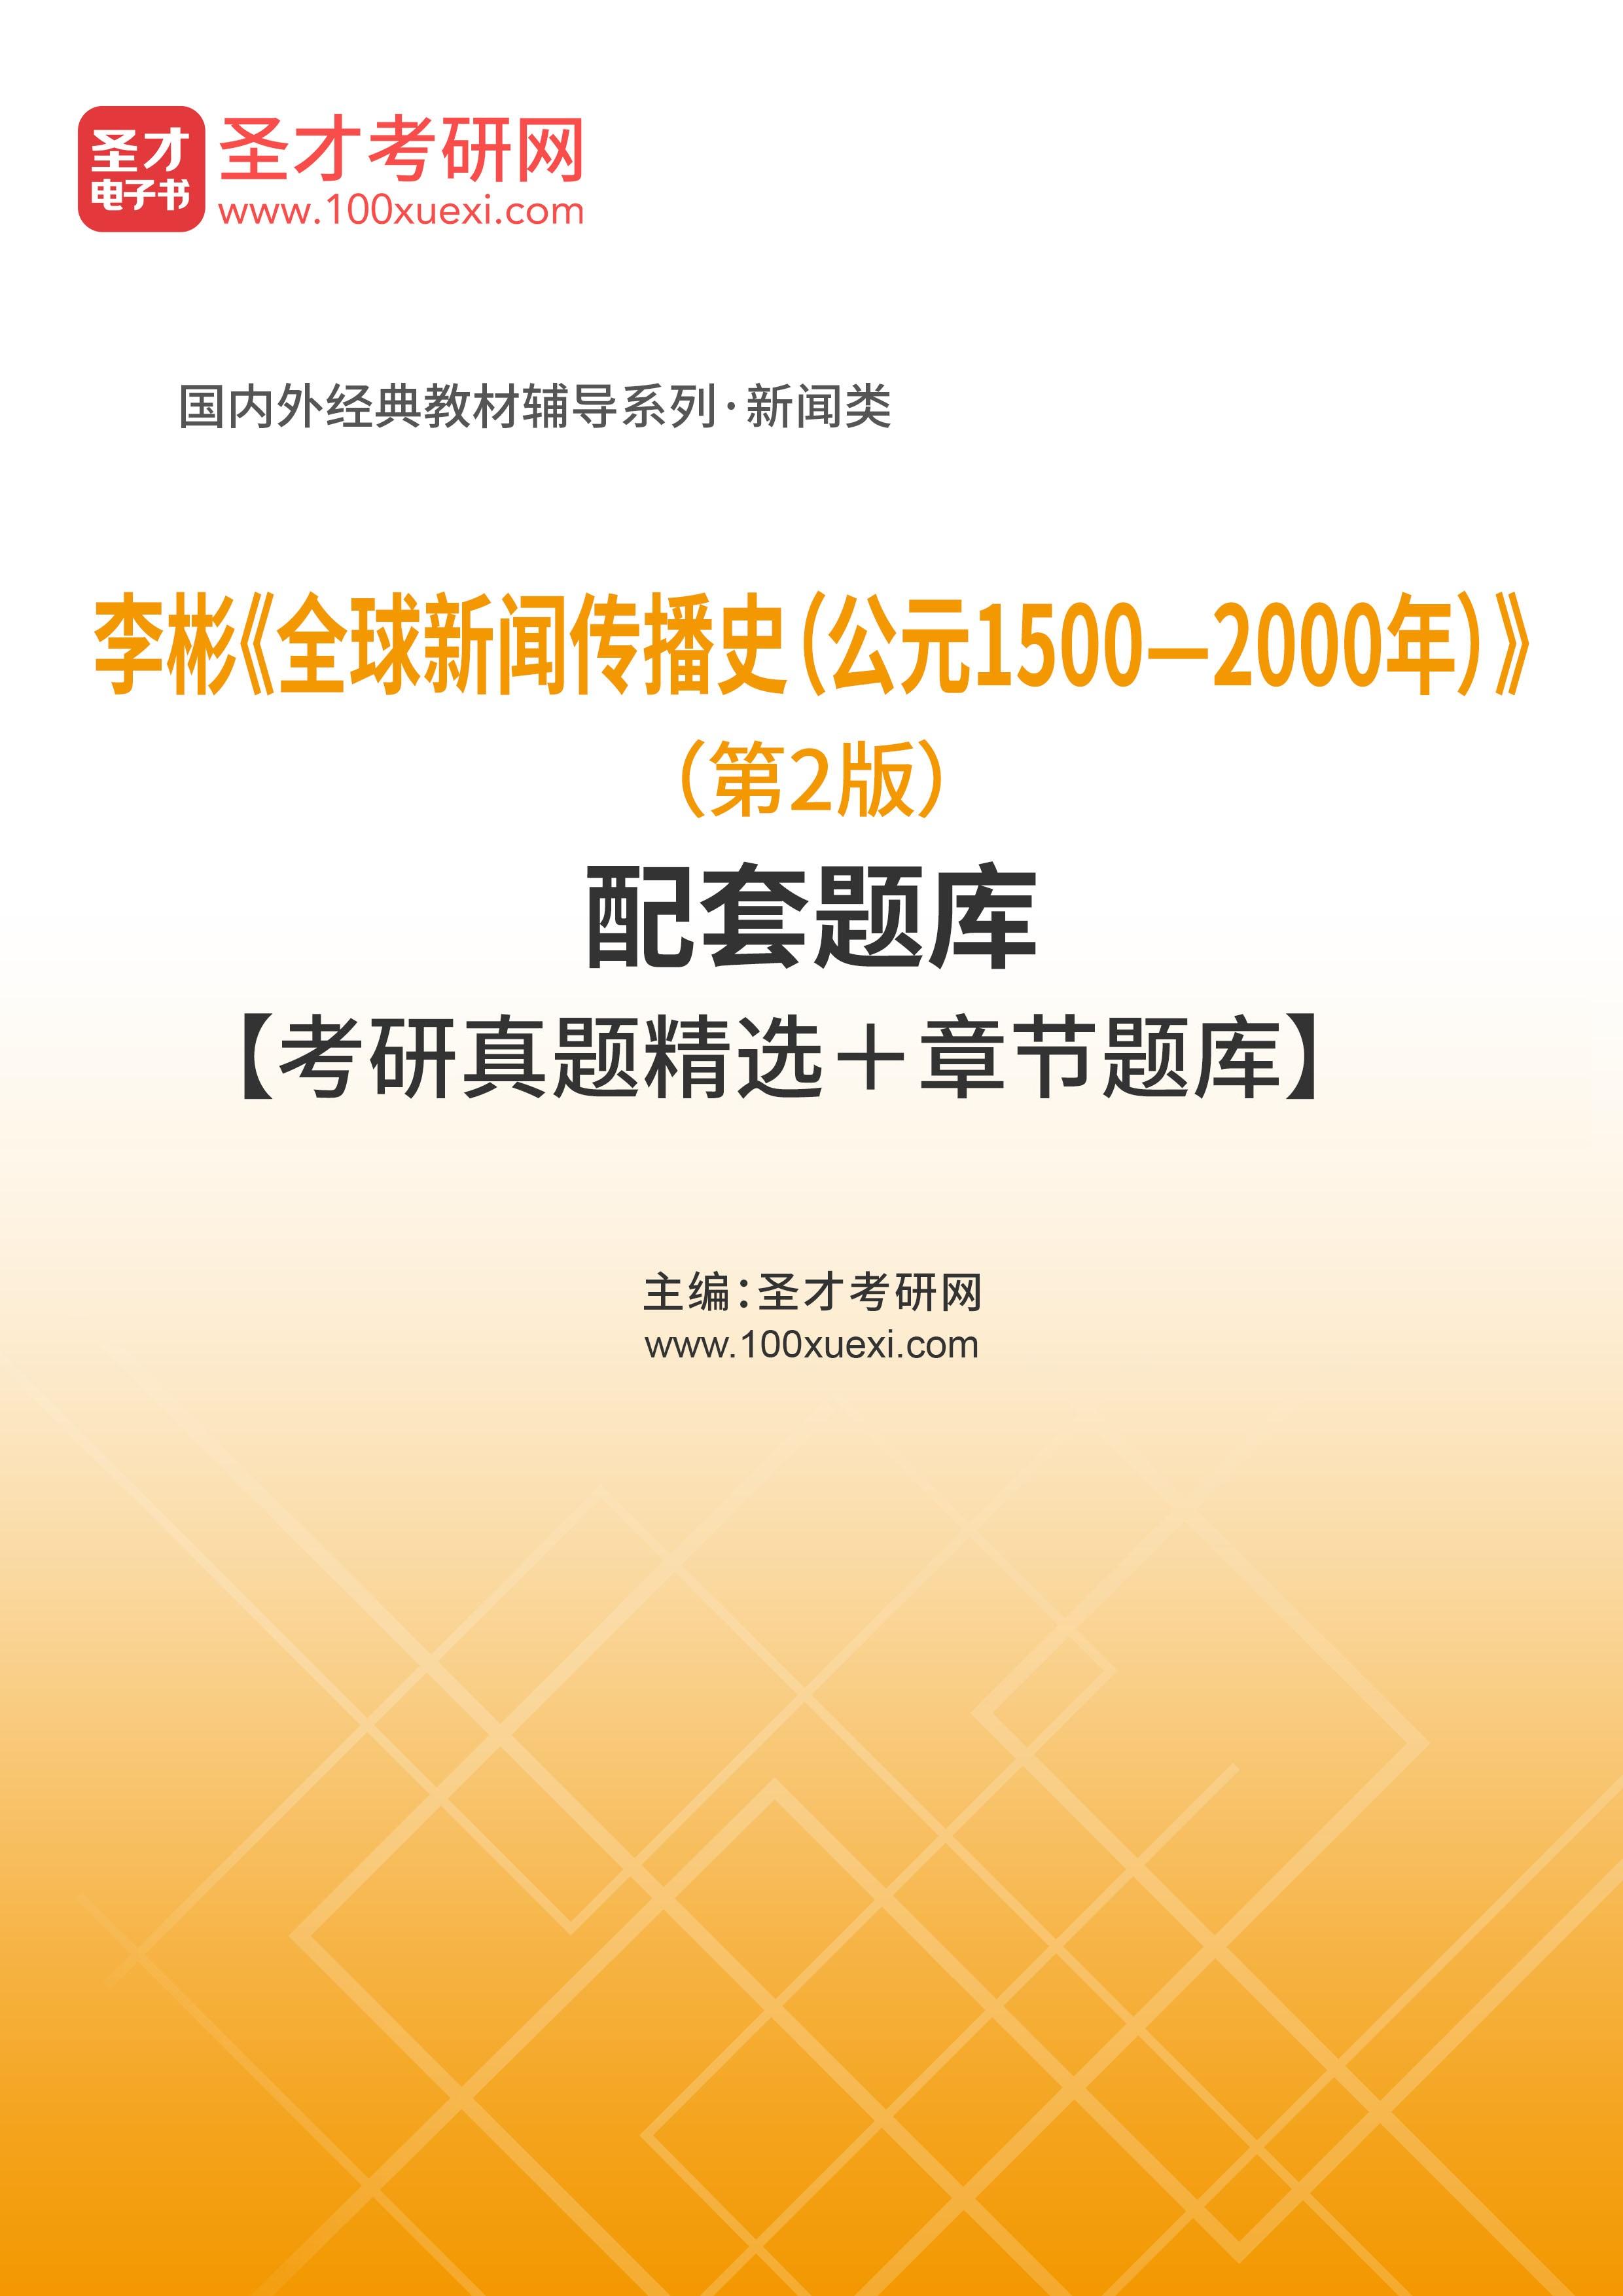 李彬《全球新闻传播史(公元1500—2000年)》(第2版)配套题库【考研真题精选+章节题库】